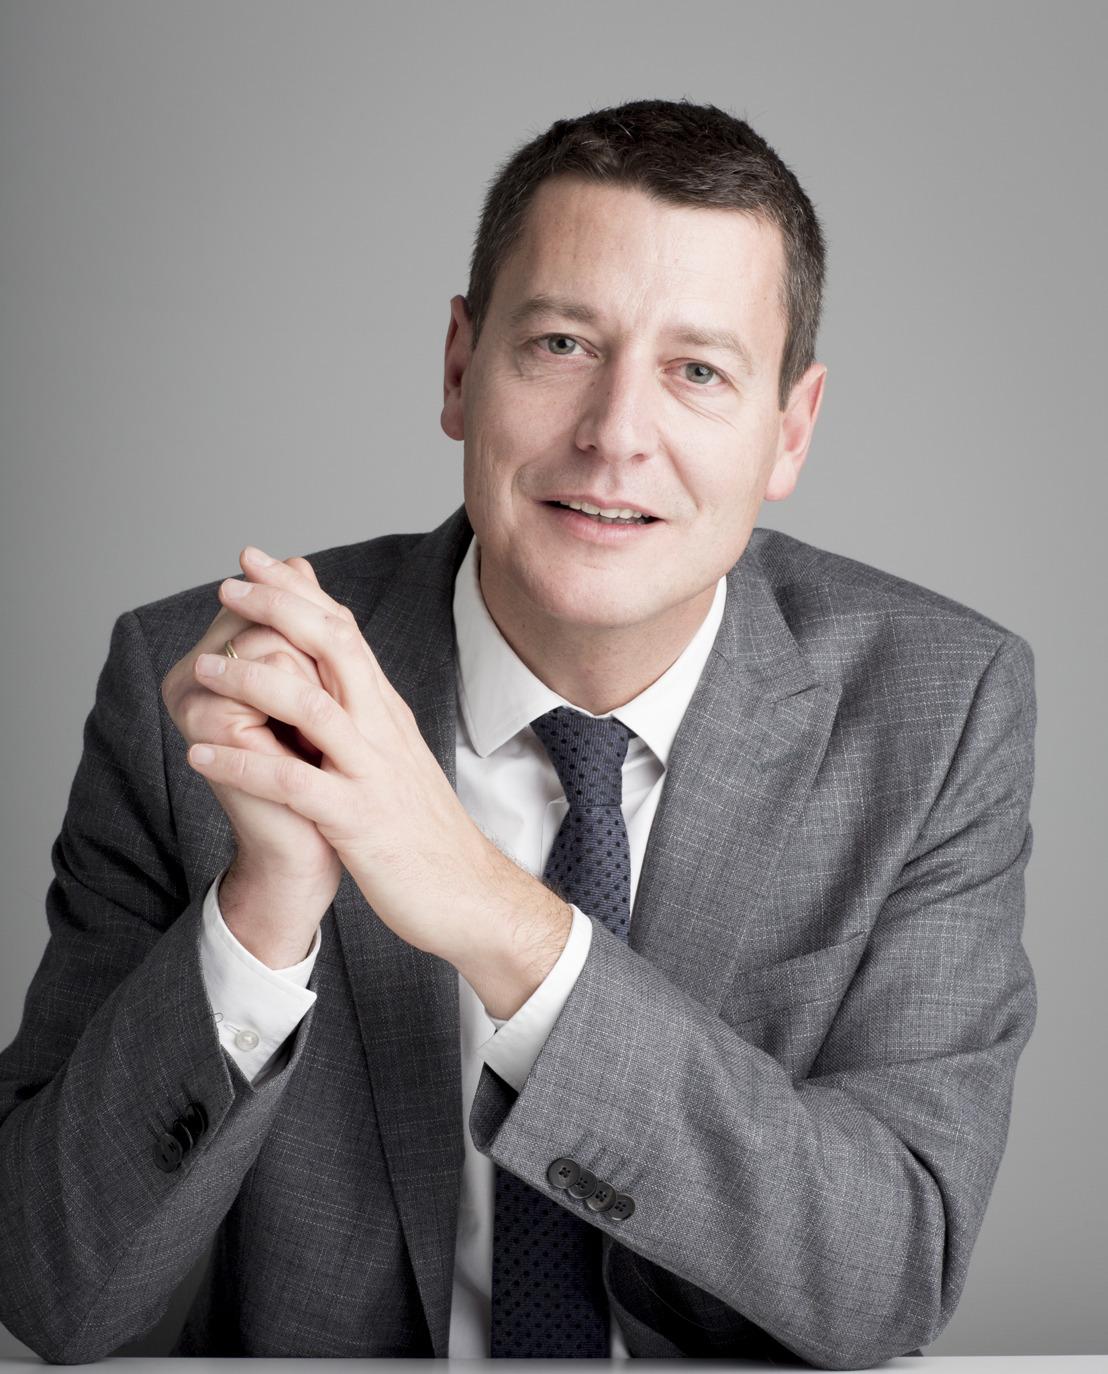 Kris De Ryck gaat bedrijf leiden dat nieuw netwerk van bankneutrale geldautomaten beheert